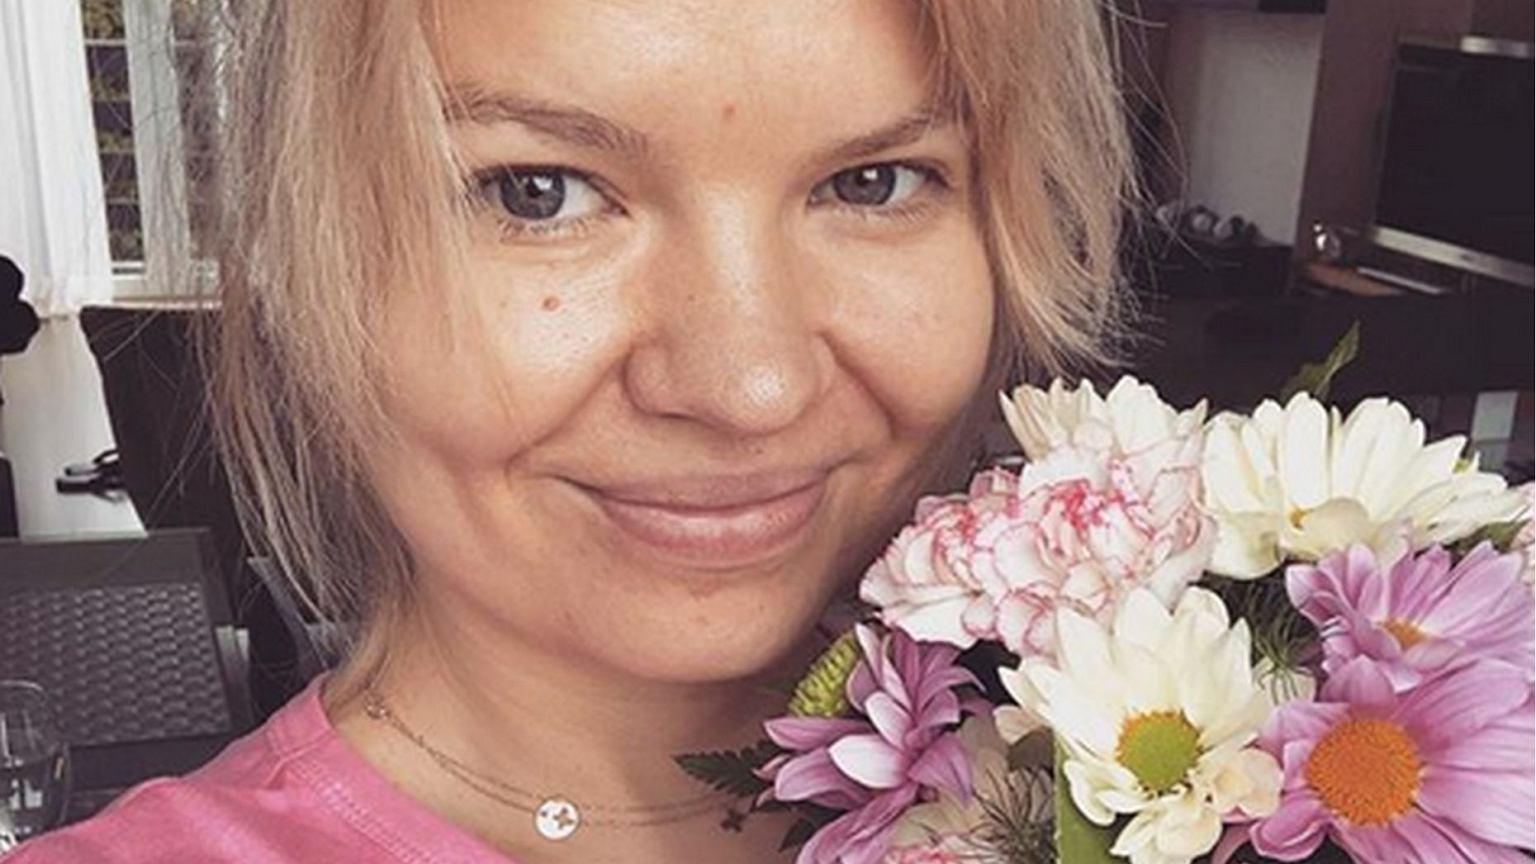 marta manowska wziela potajemny slub internautka dopytuje obraczka gratulacje